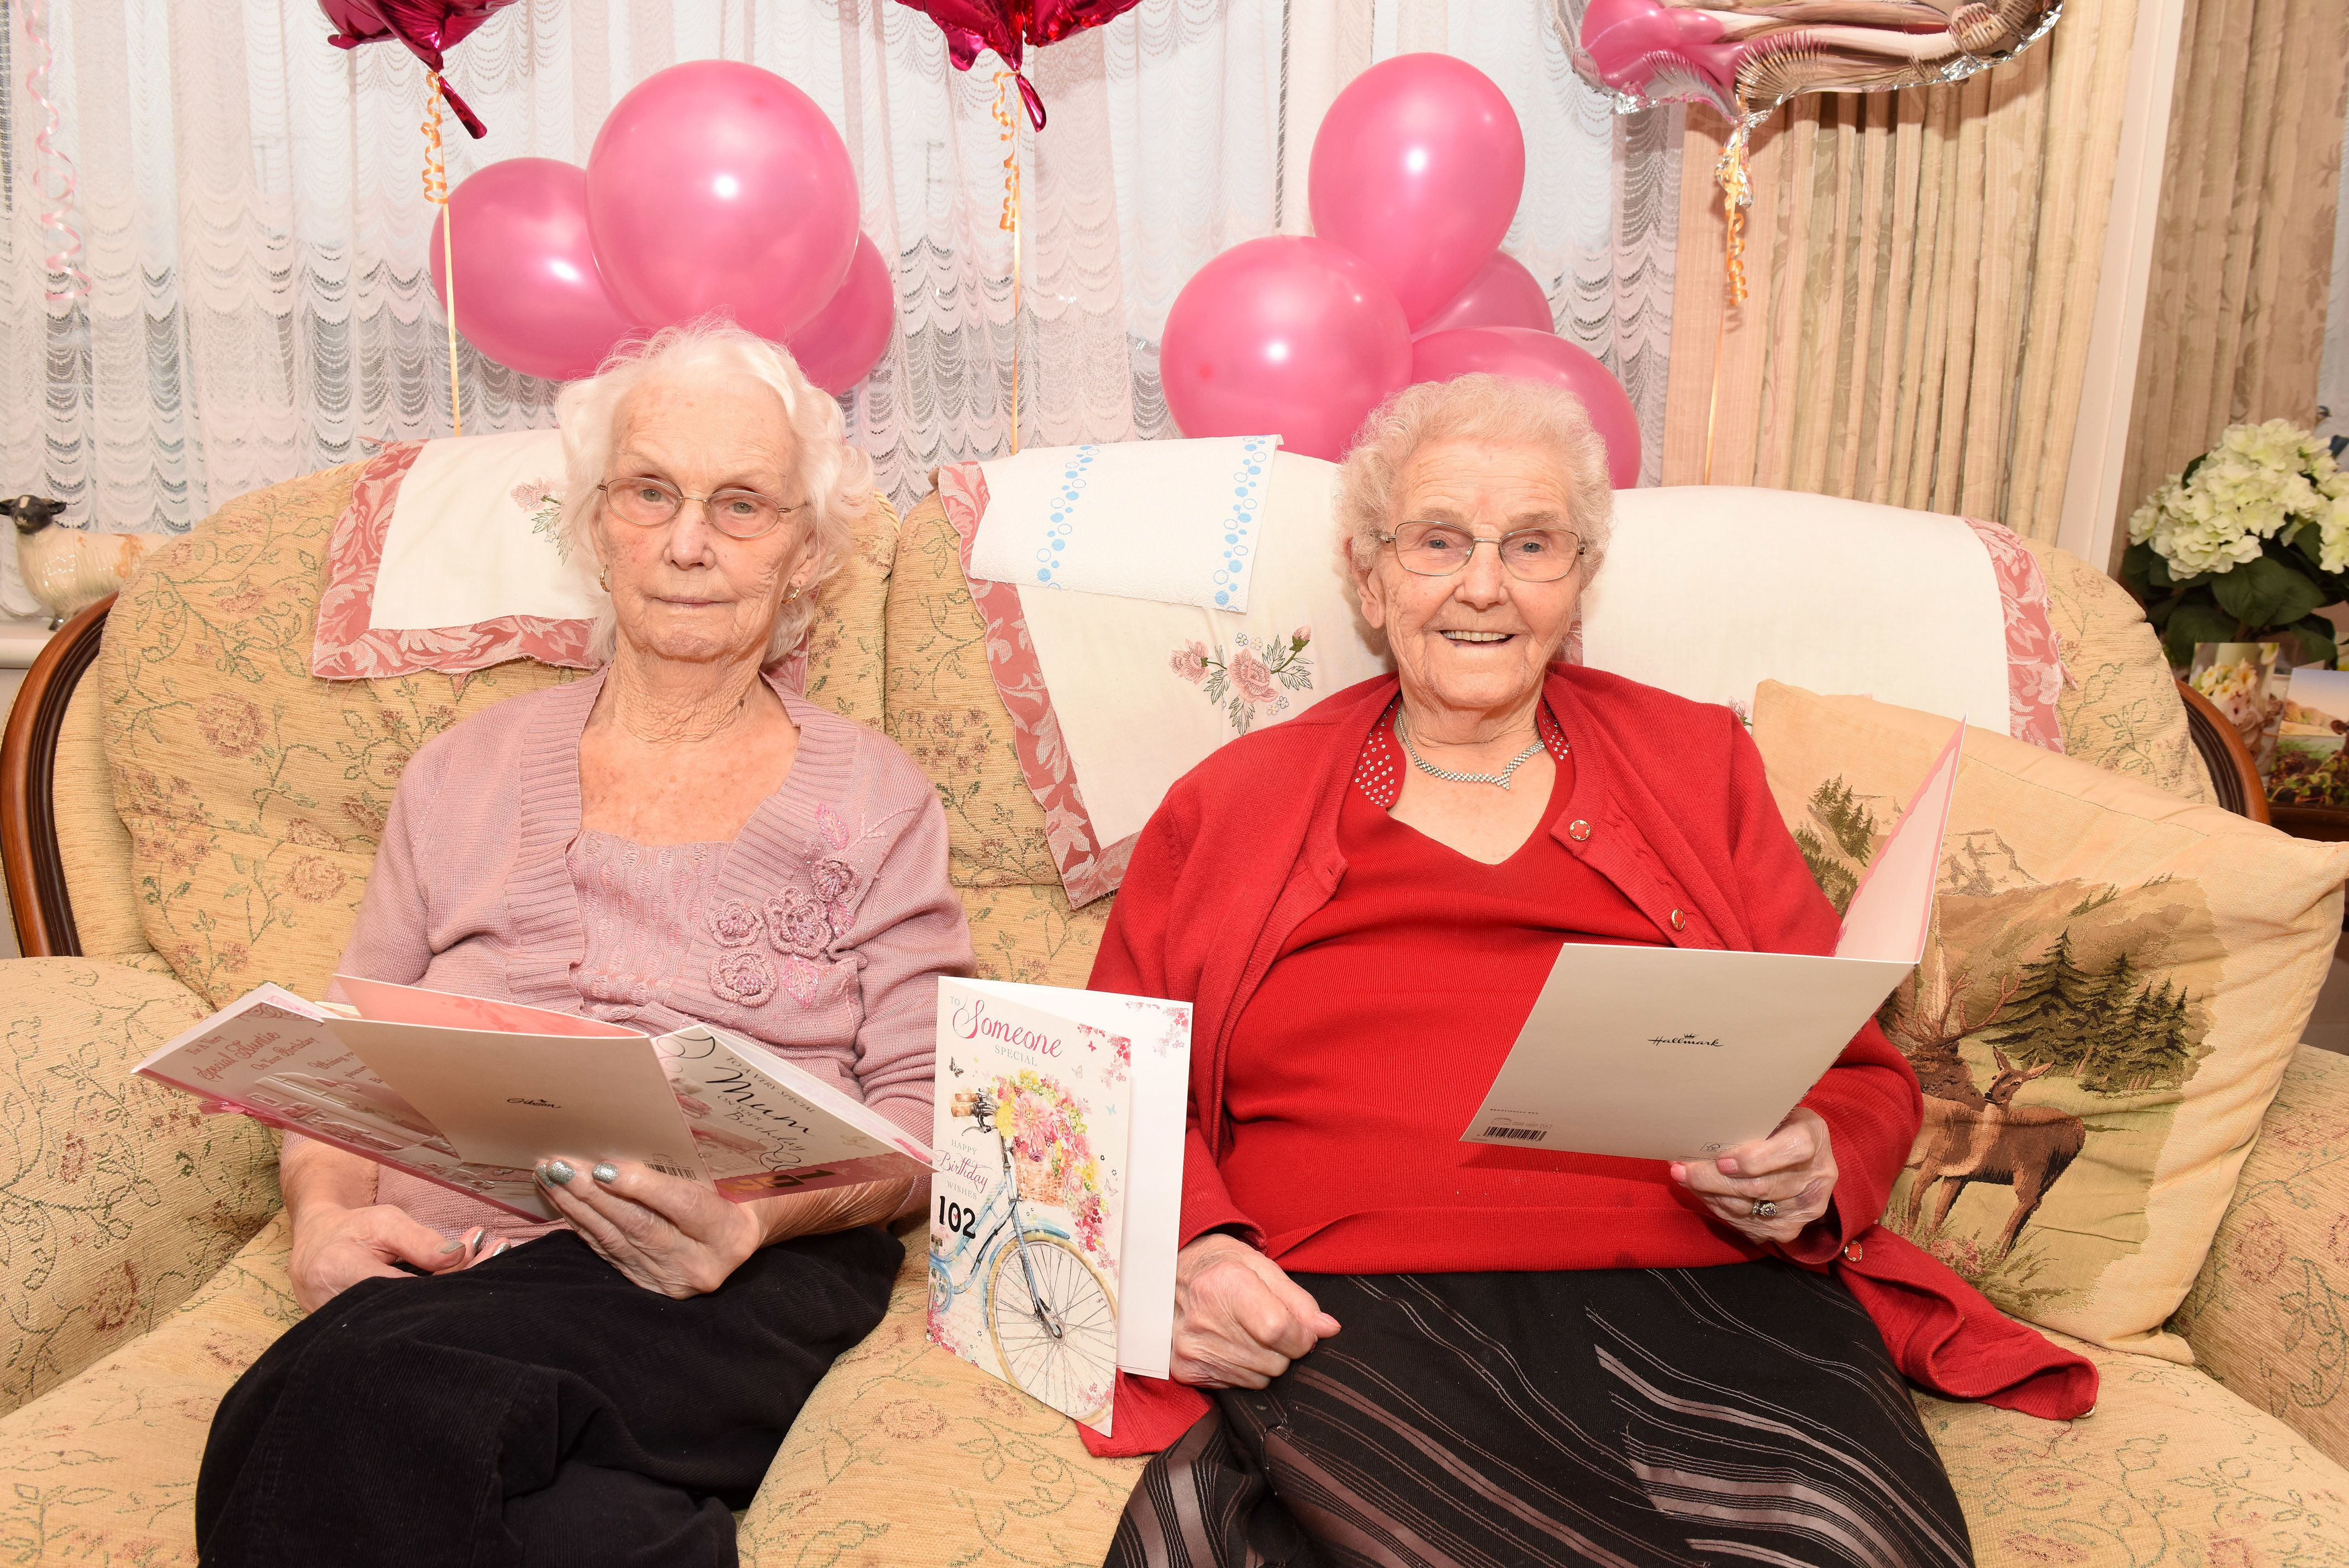 102-jährige Zwillinge verraten Geheimnis ihres Alters – beide haben eine andere Antwort darauf